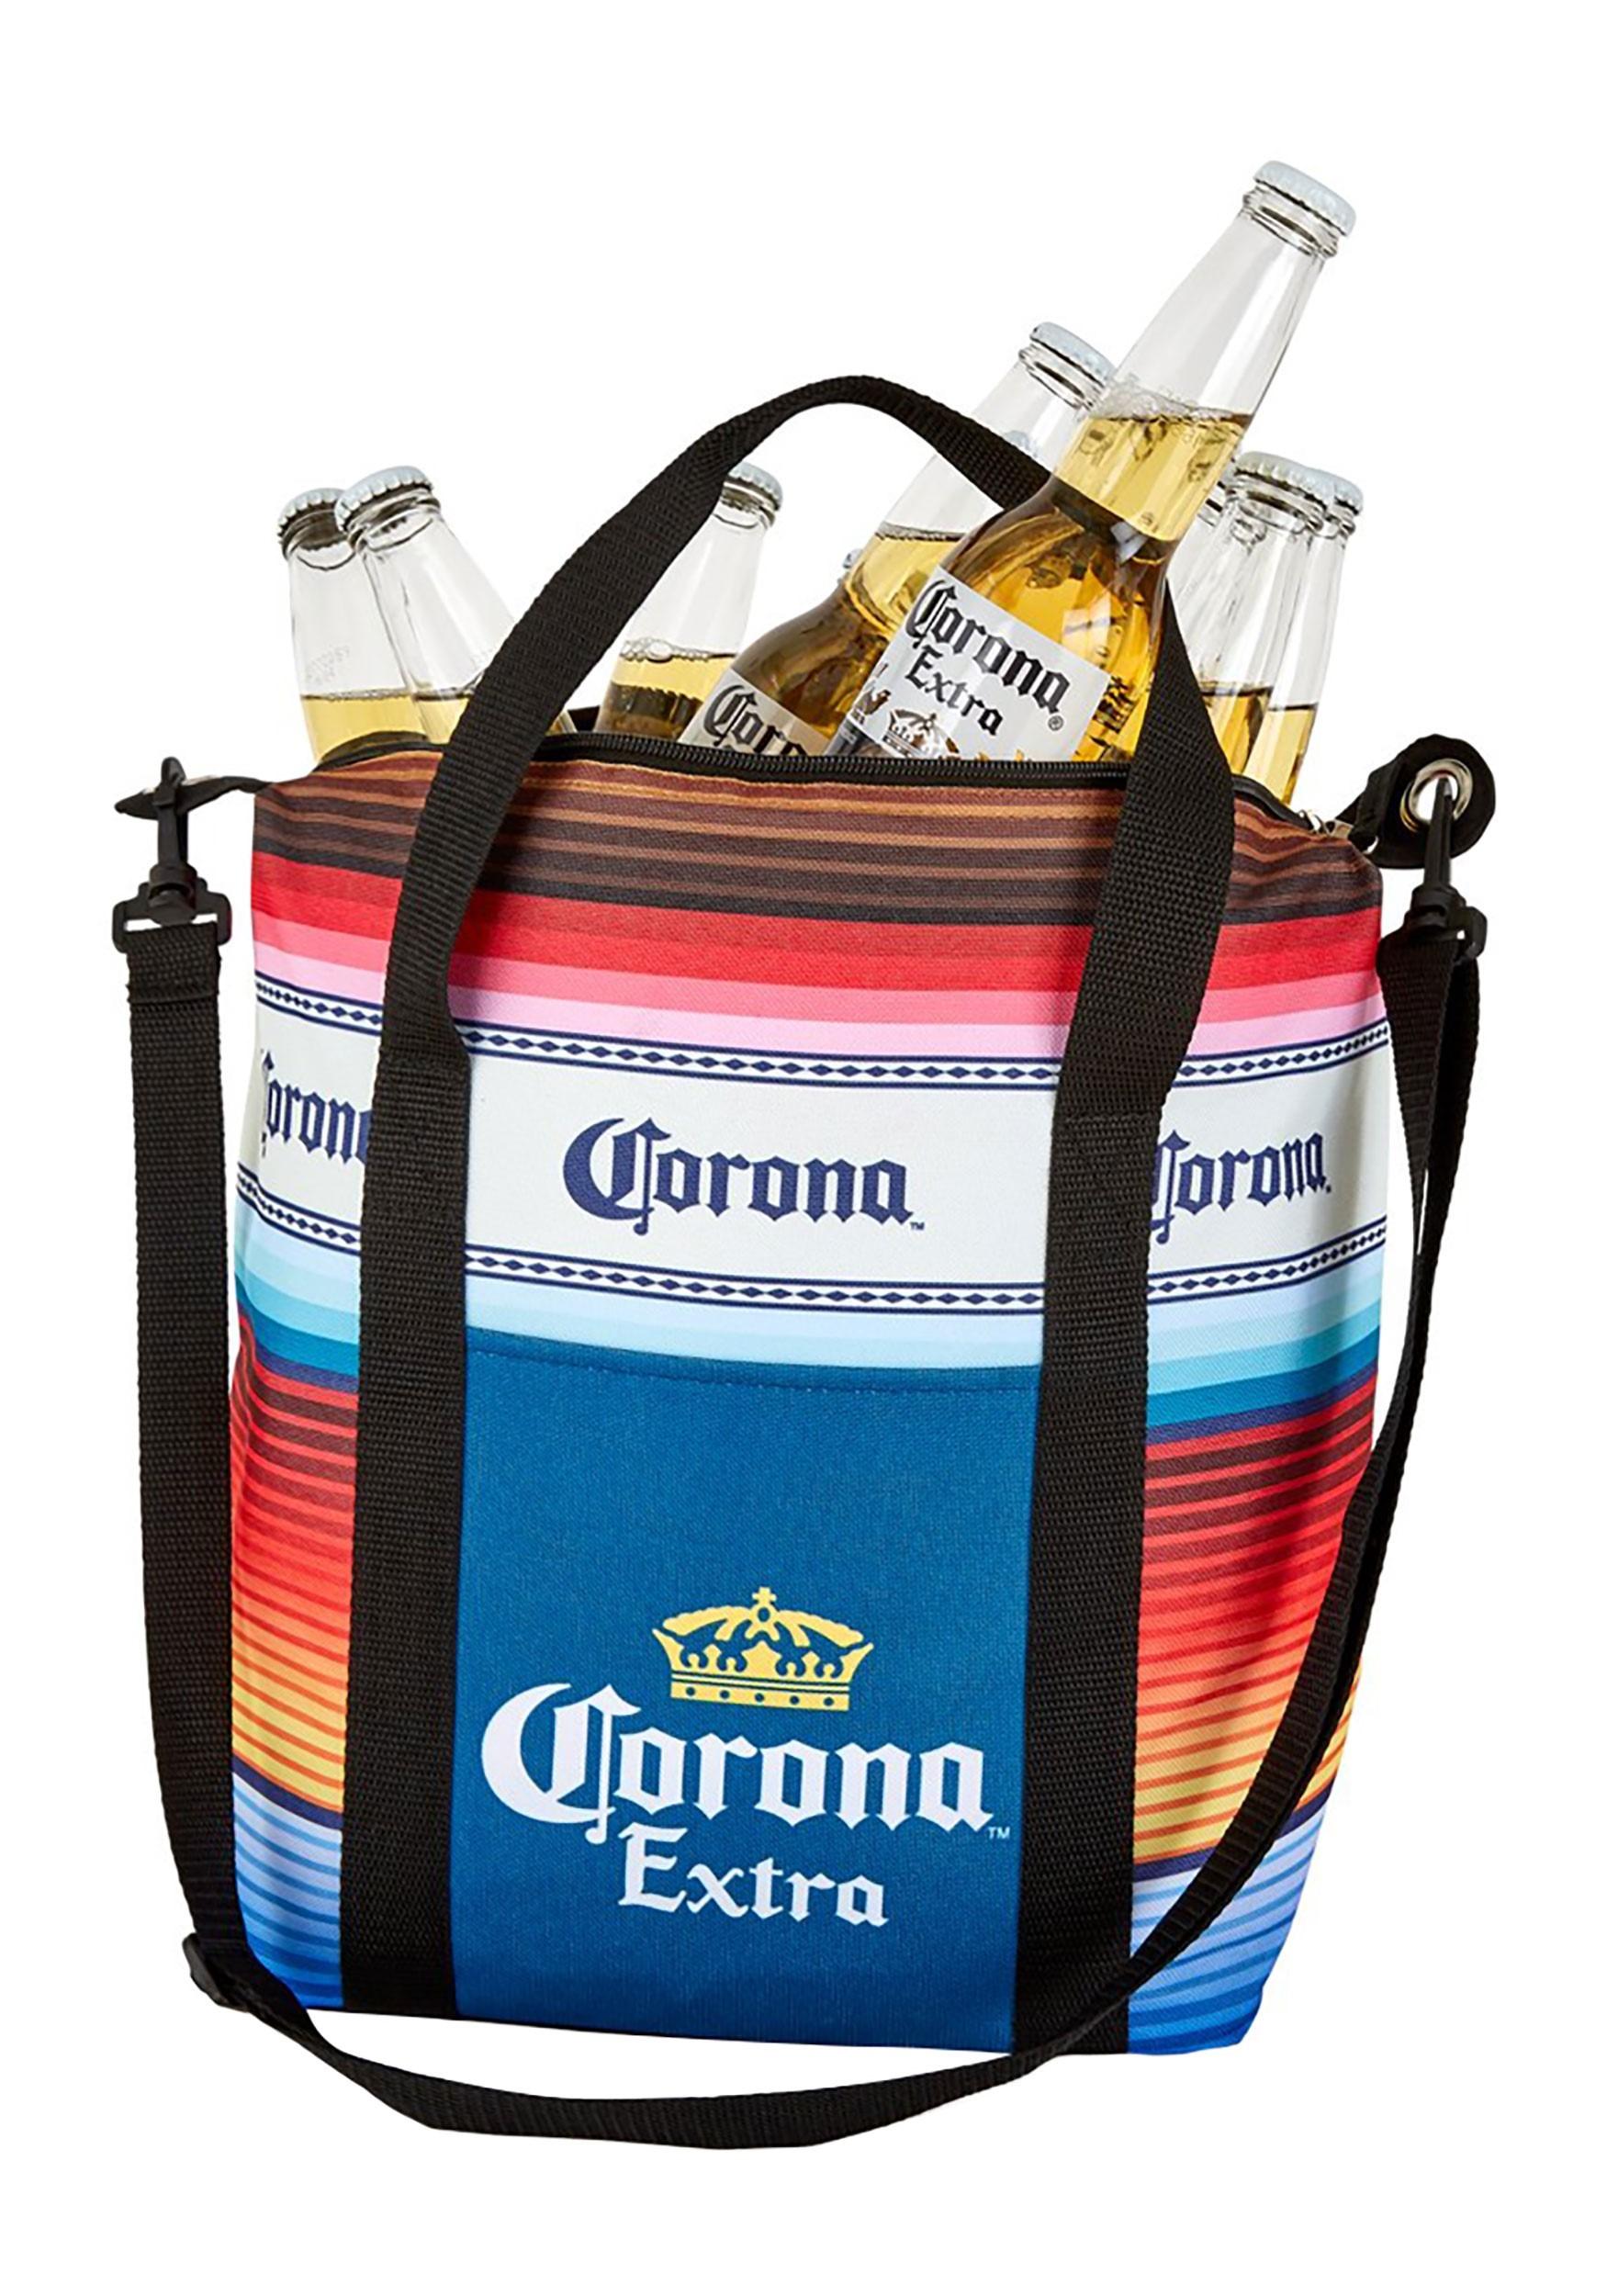 Corona Cooler Freeze Bag